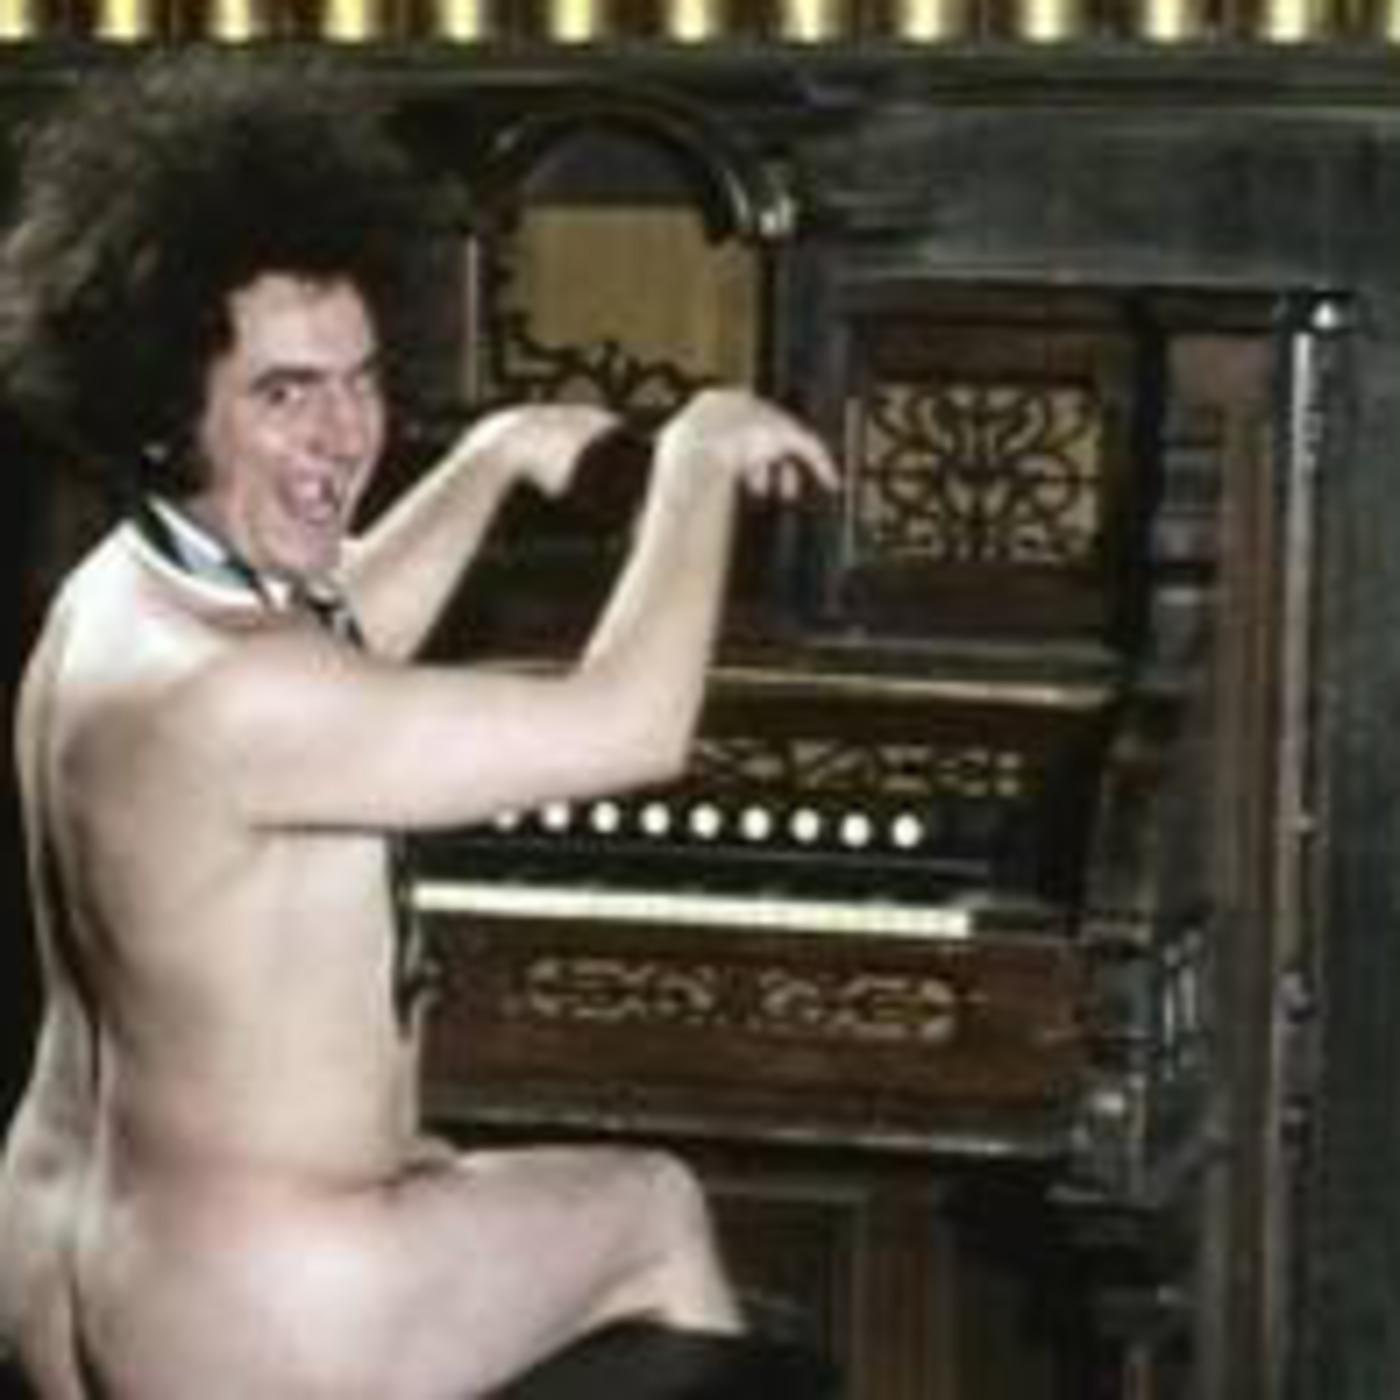 Секс на пианино мужчина послушал 8 фотография